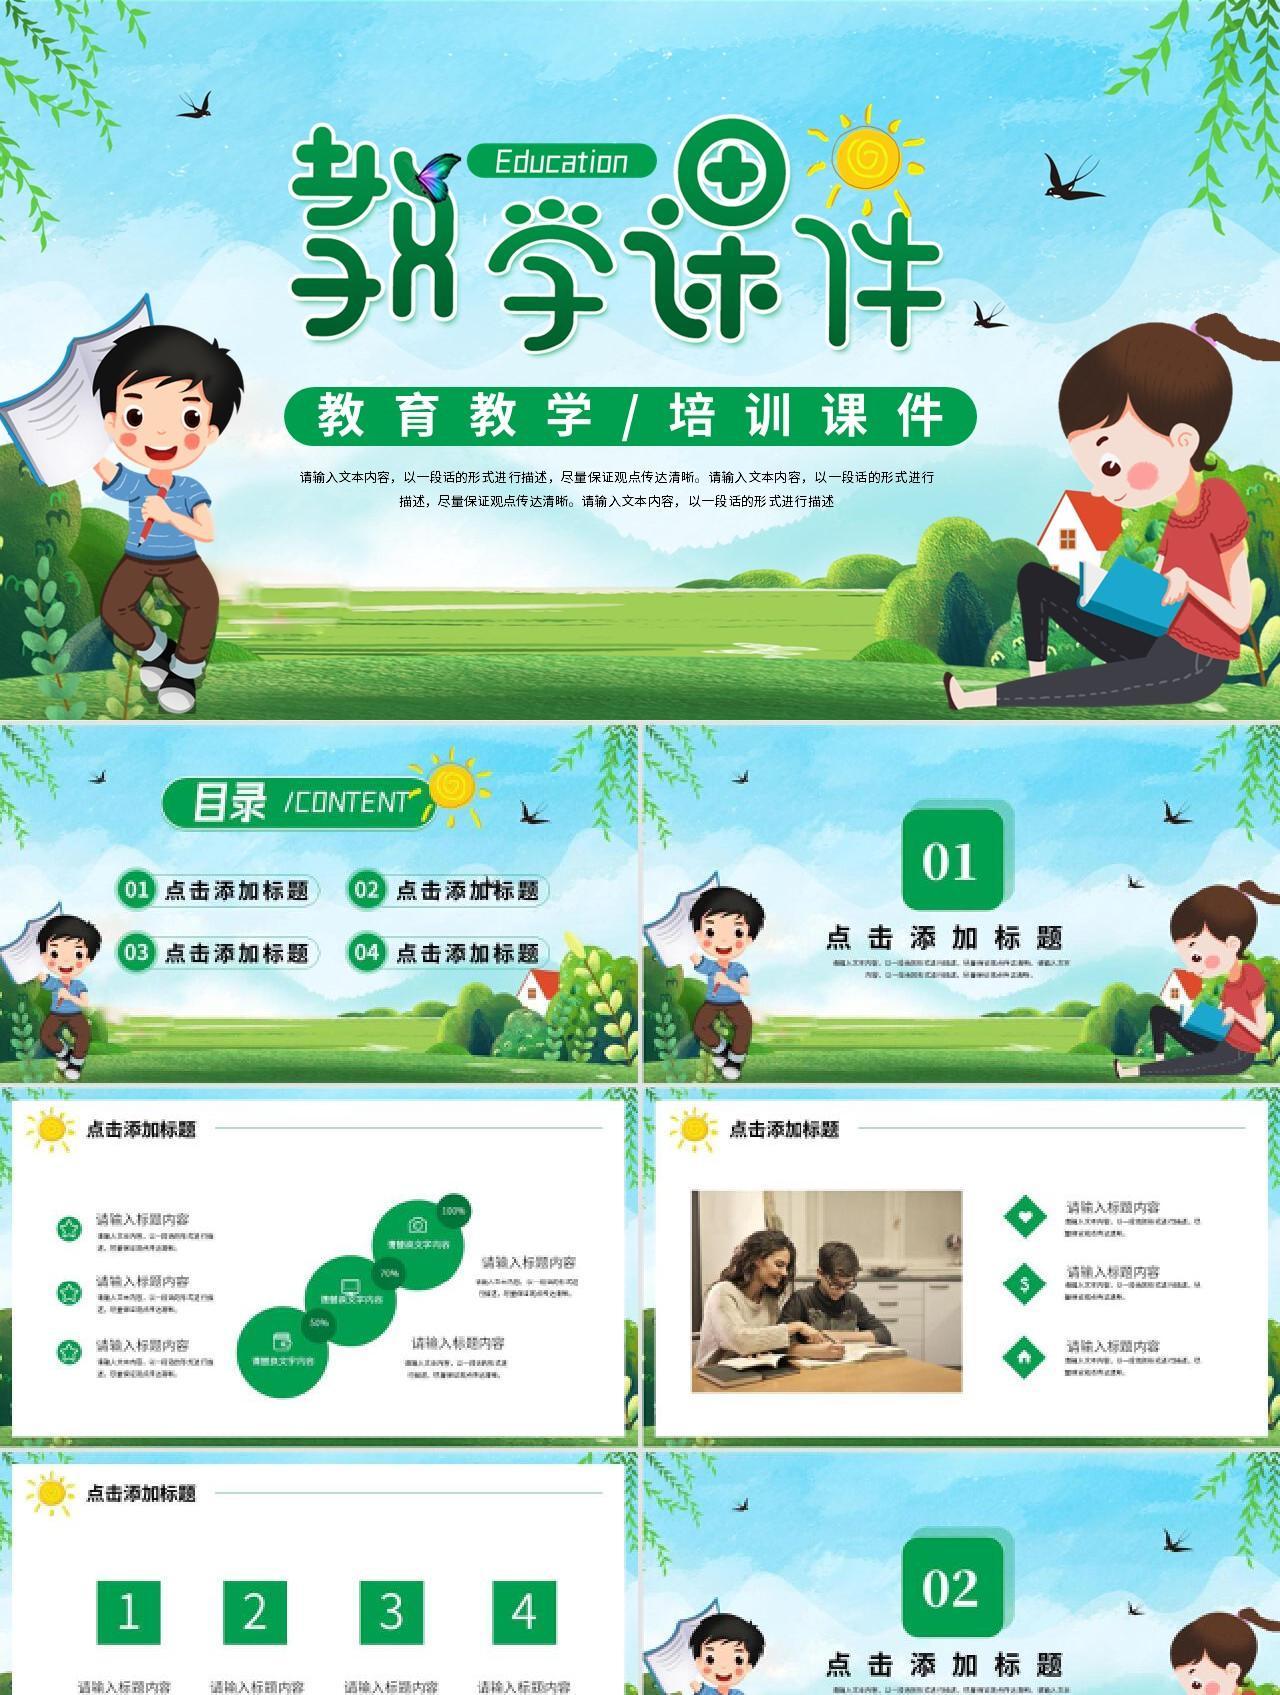 绿色小清新卡通风教育教学培训课件PPT模板